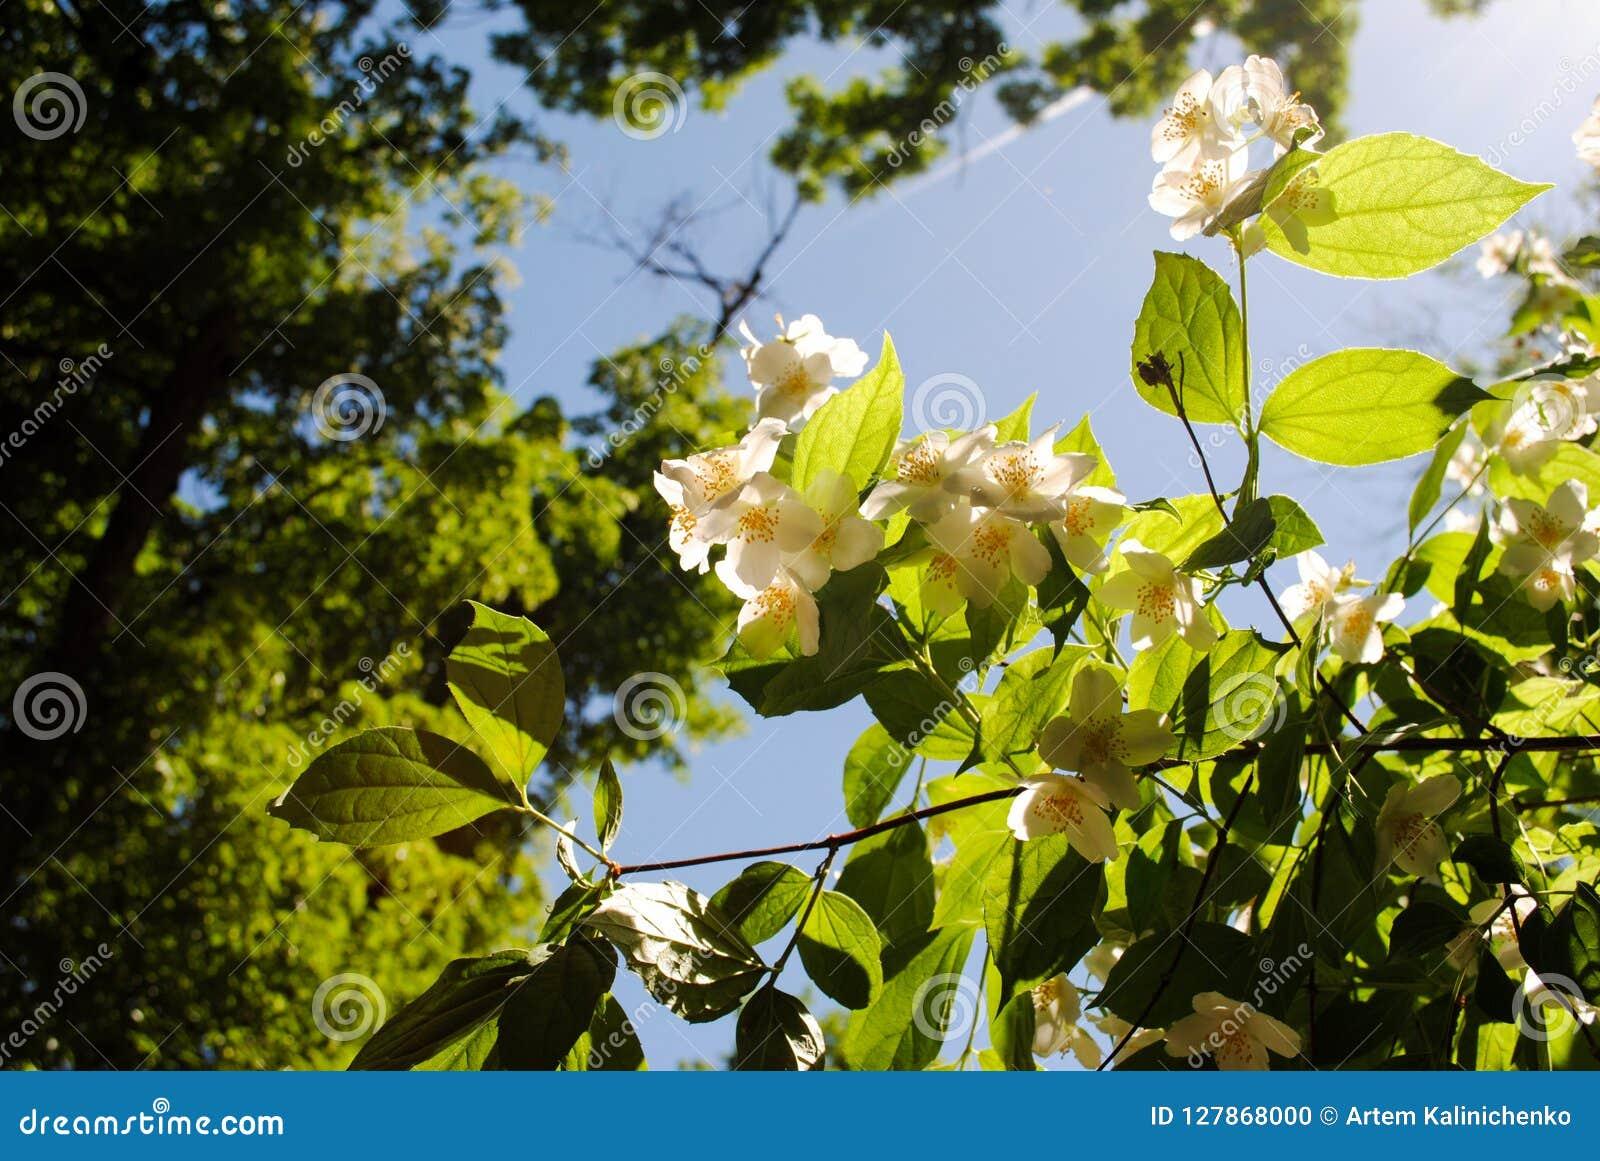 Beautiful evergreen white jasmine flower